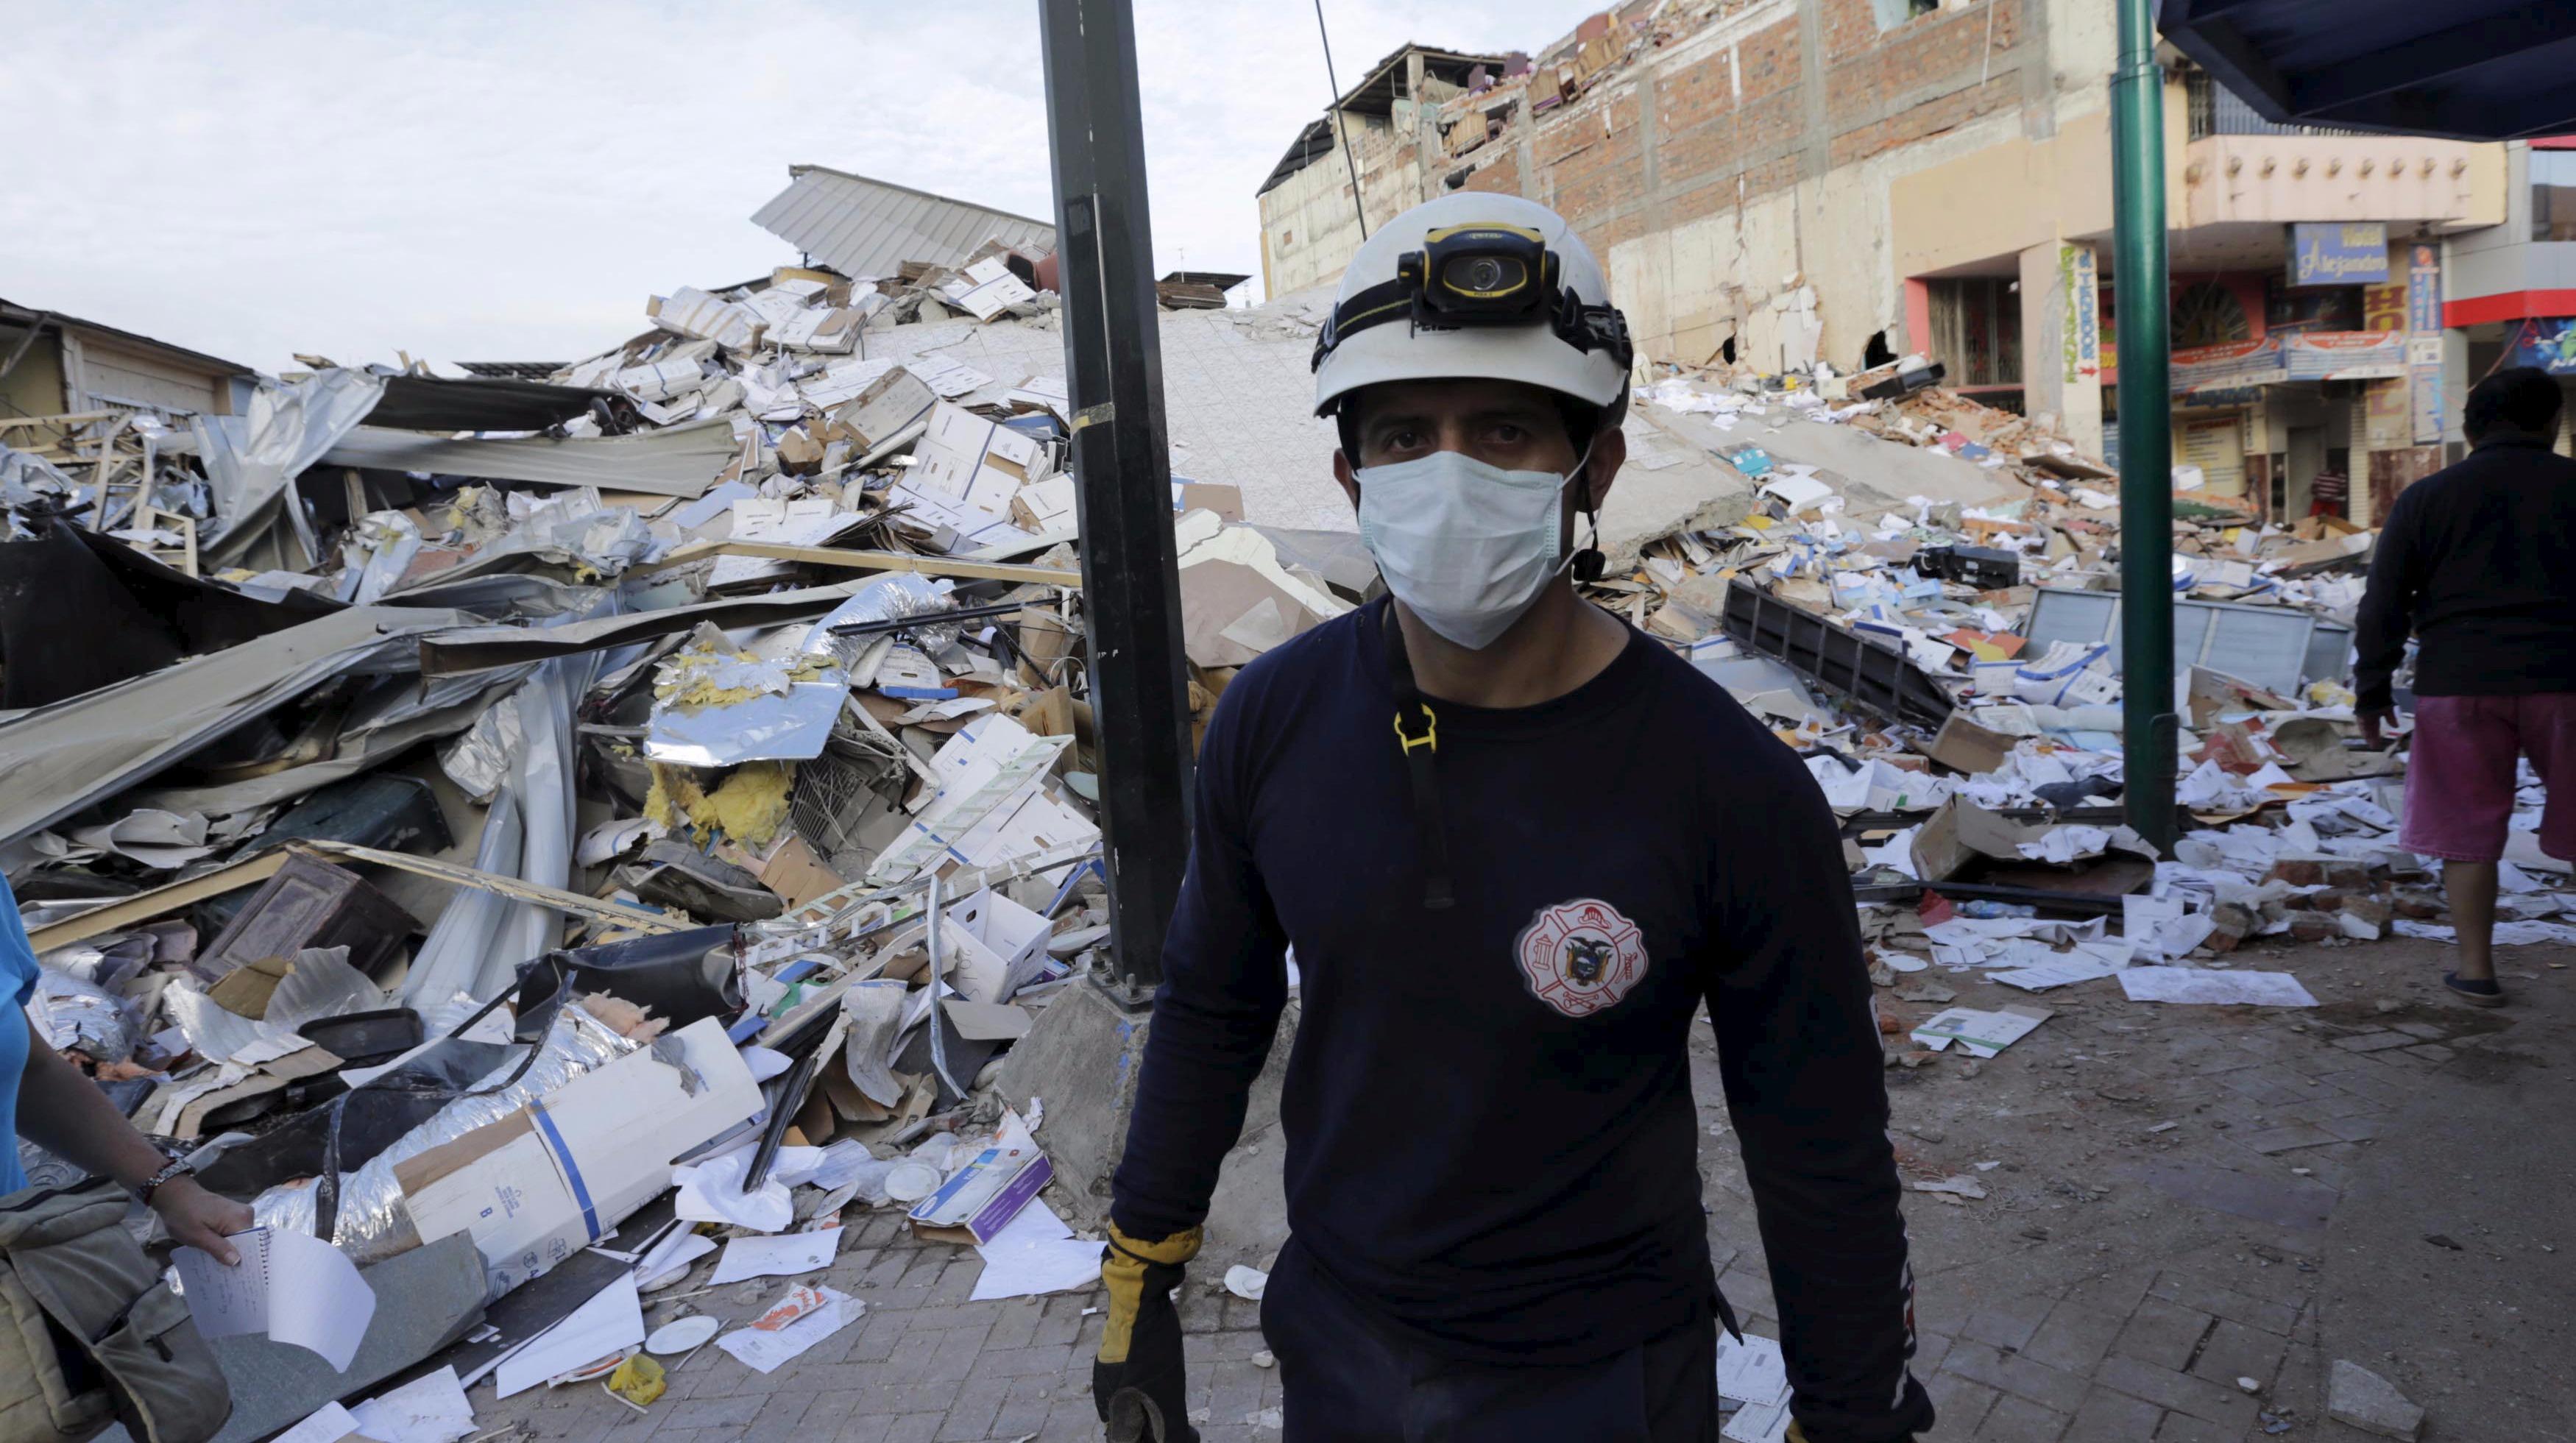 USA to send team to Ecuador to help with quake relief